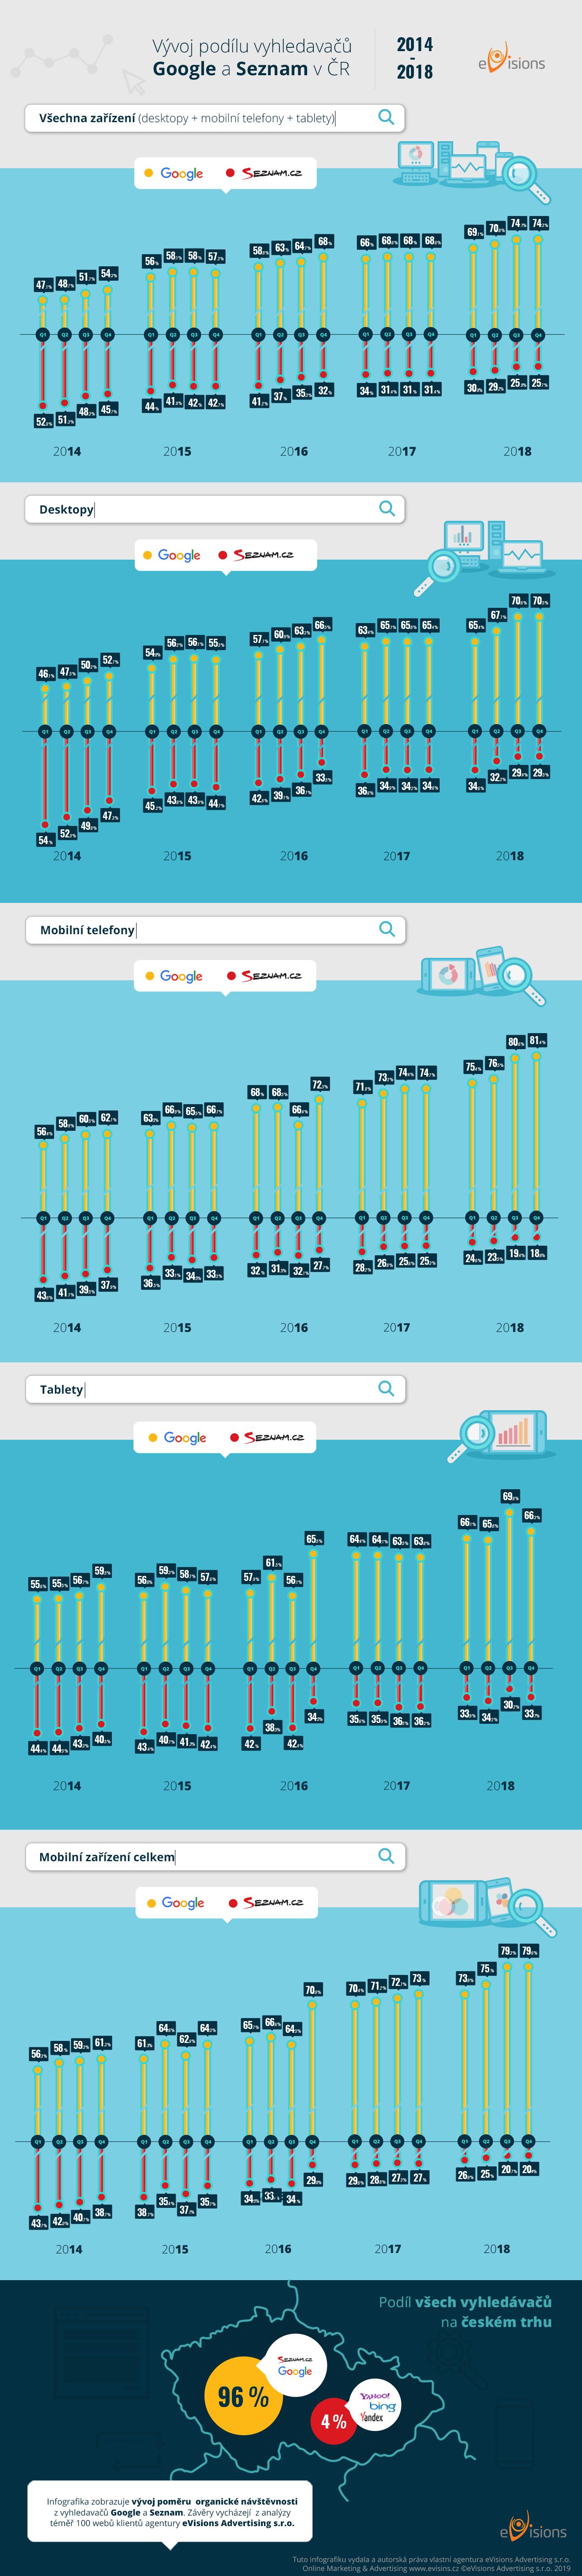 Infografika: Podíl vyhledávačů Google a Seznam na českém internetu #2019